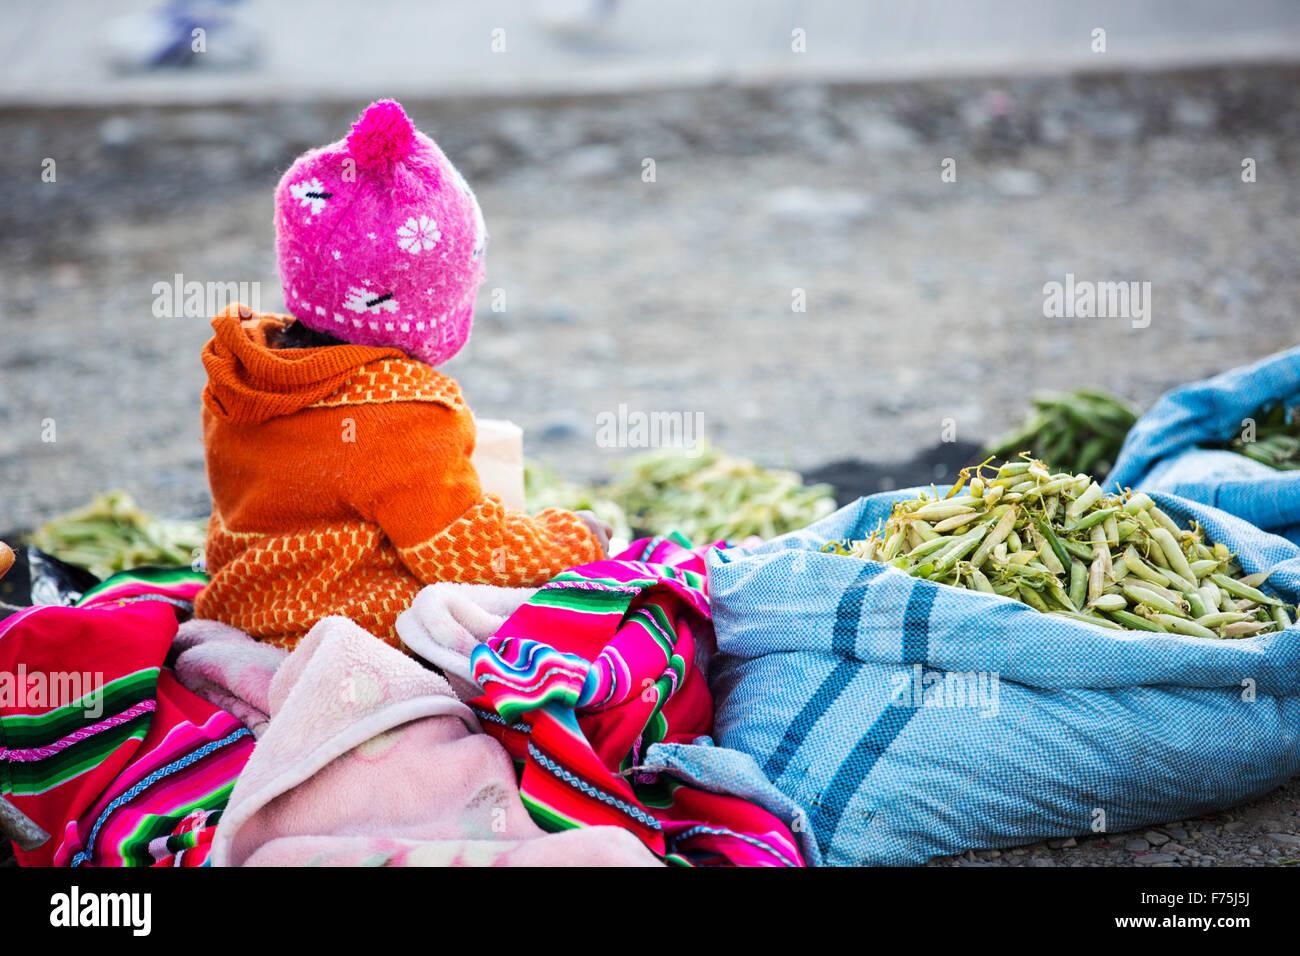 Un niño indígena en un mercado callejero en El Alto, La Paz, Bolivia, en América del Sur. Imagen De Stock